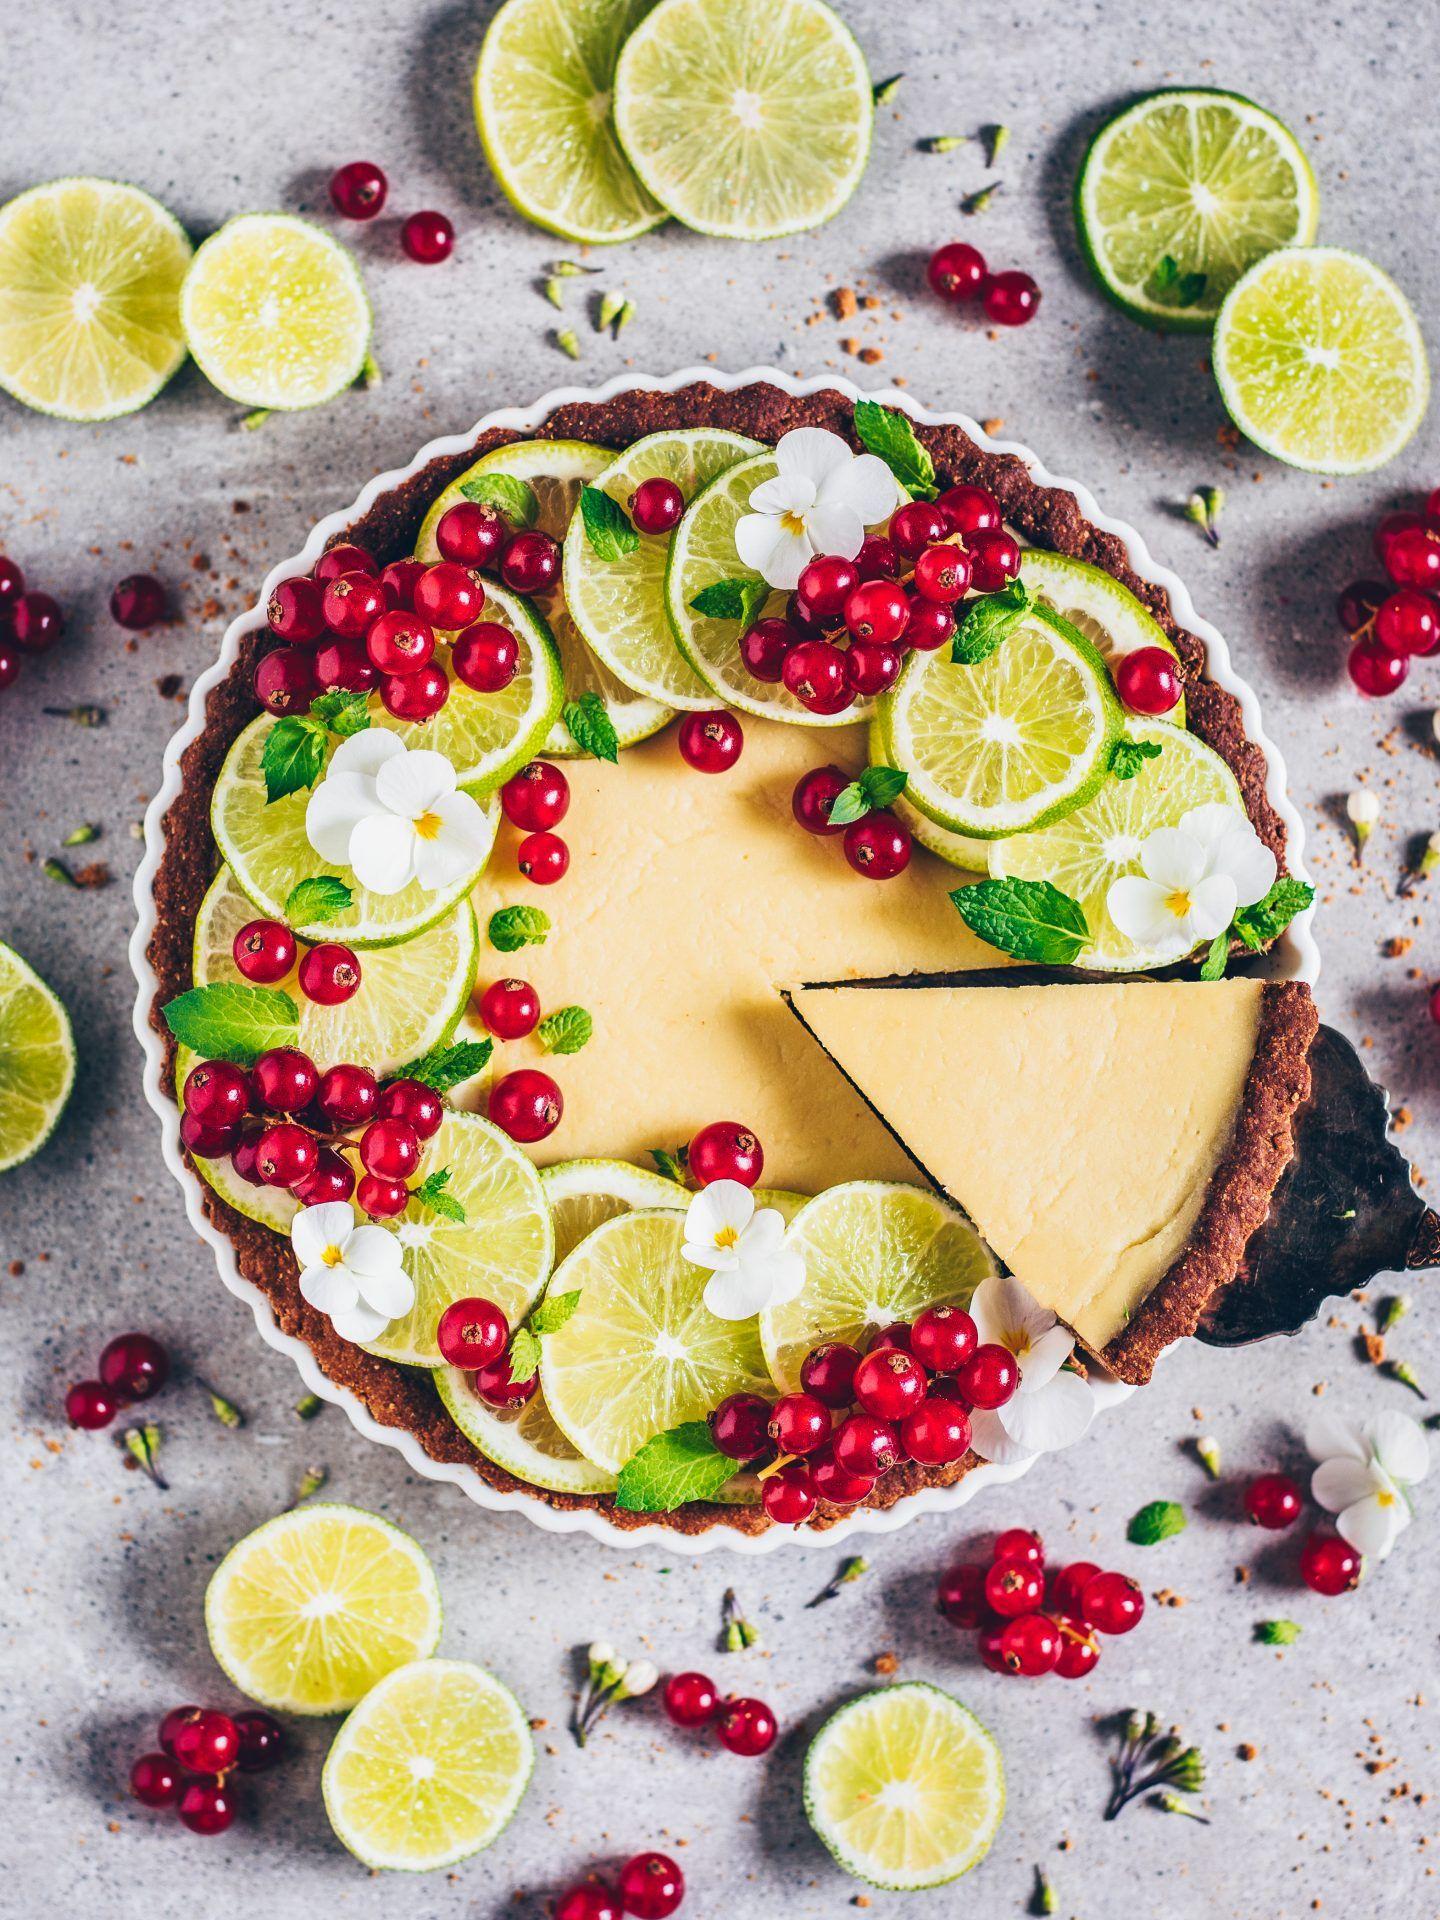 Limetten-Tarte (Vegan, Glutenfrei) Limetten-Tarte (vegan, glutenfrei) Gluten Free Recipes gluten free key lime pie